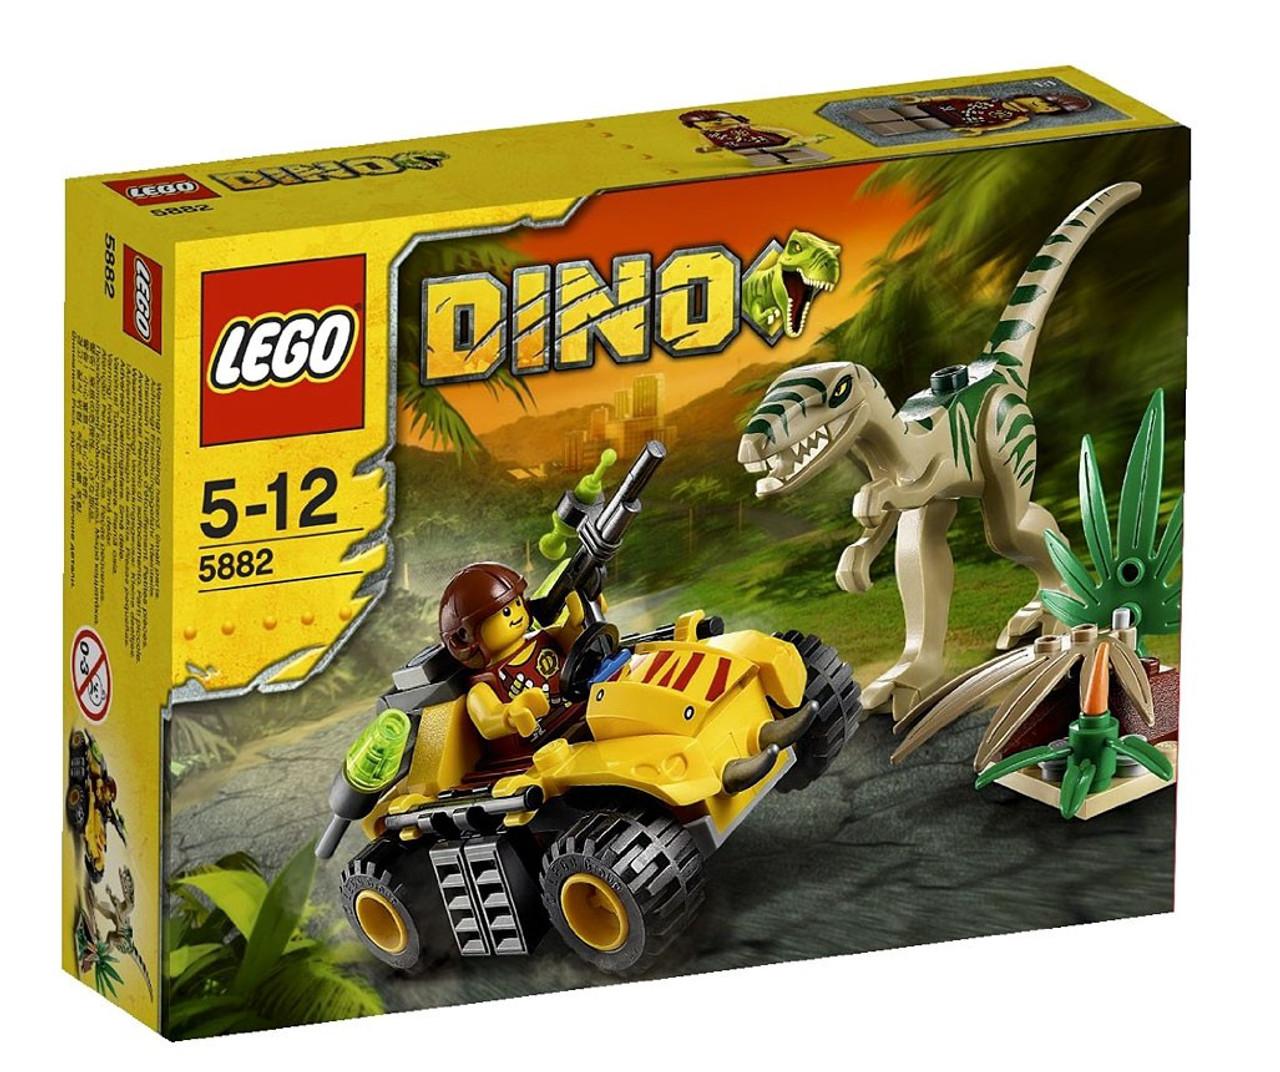 Lego dino ambush attack set 5882 toywiz - Lego dinosaures ...